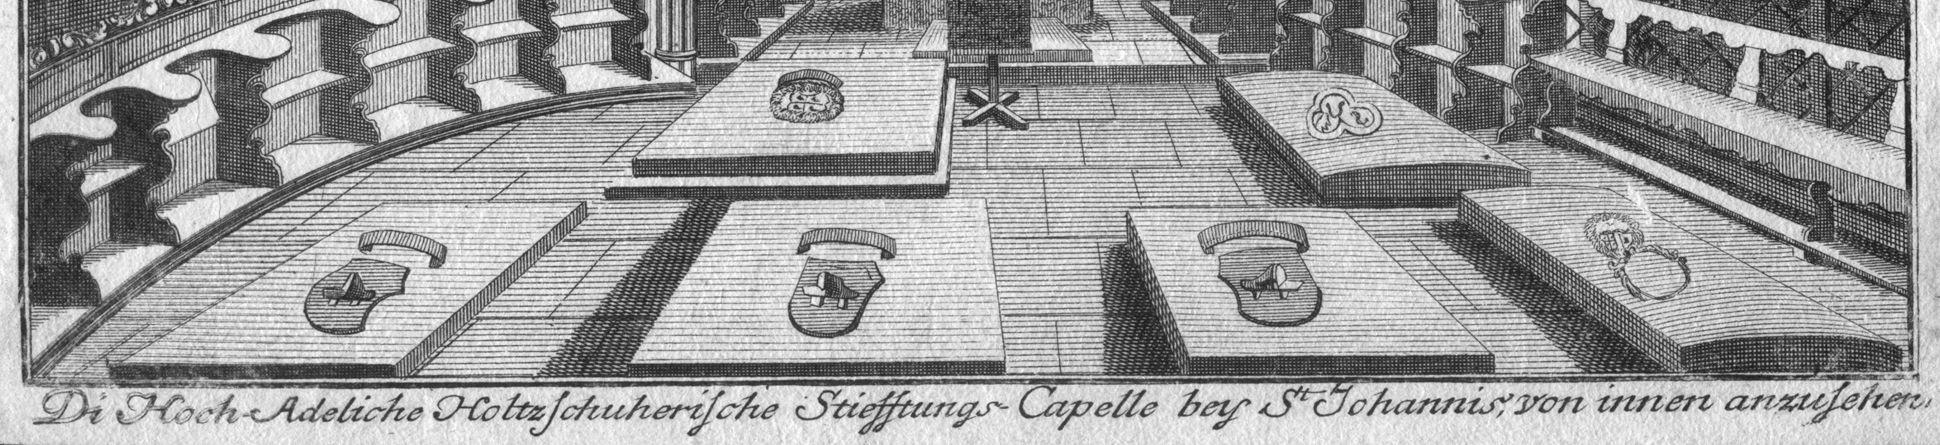 """""""Di Hoch-Adeliche Holtzschuherische Stiefftungs-Capelle..."""" Kirchenfußboden und Bildlegende"""